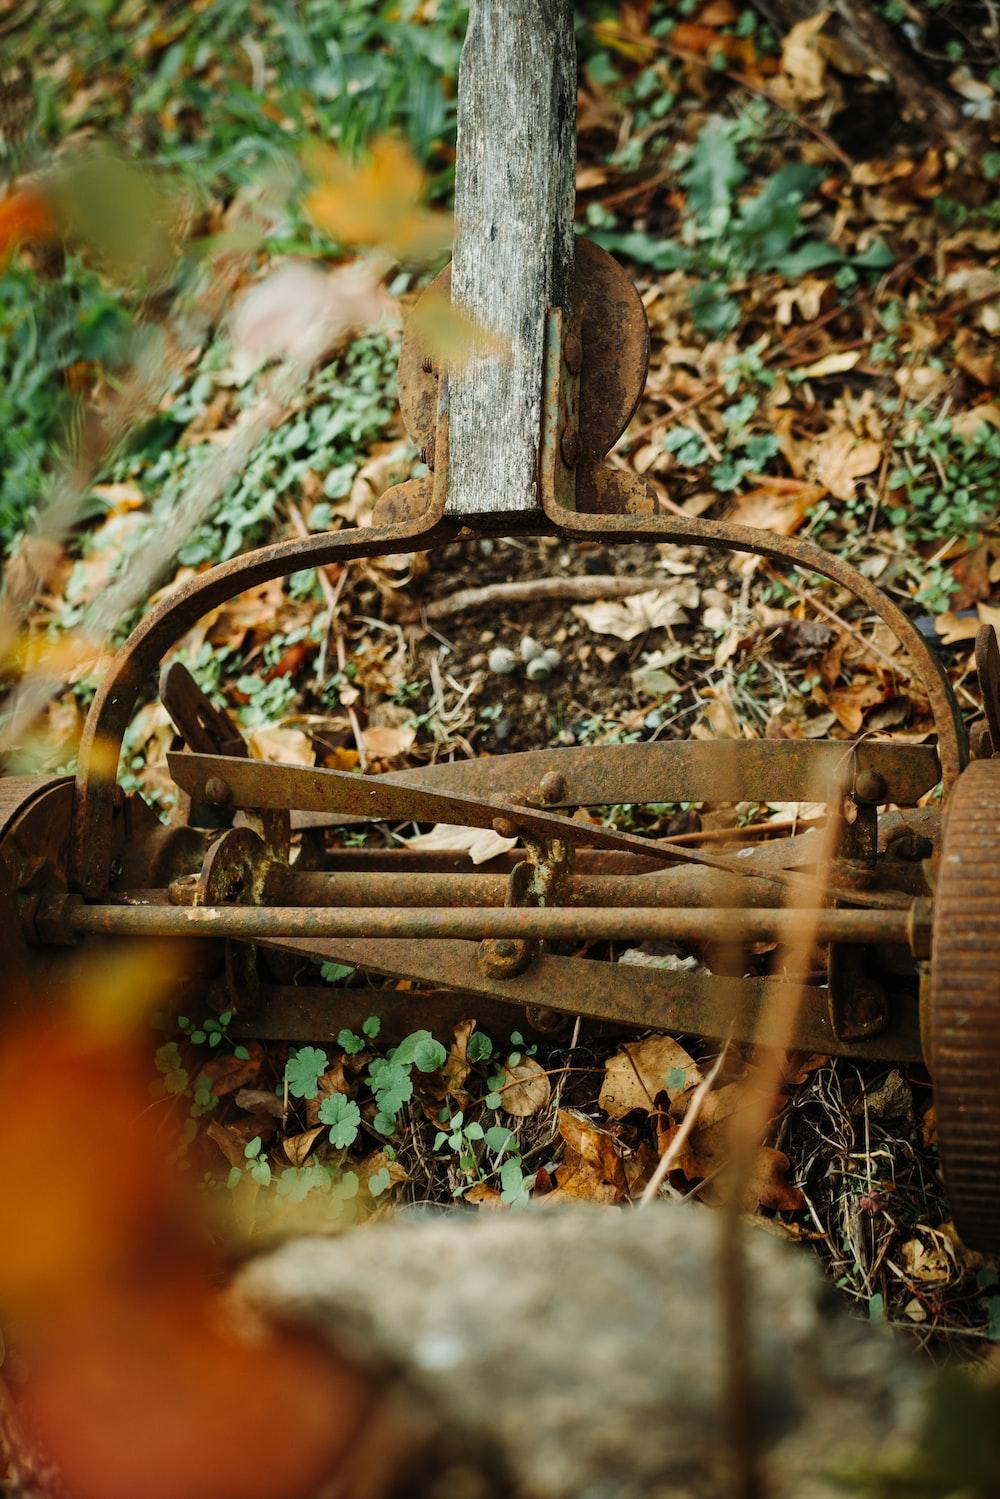 brown reel mower on ground